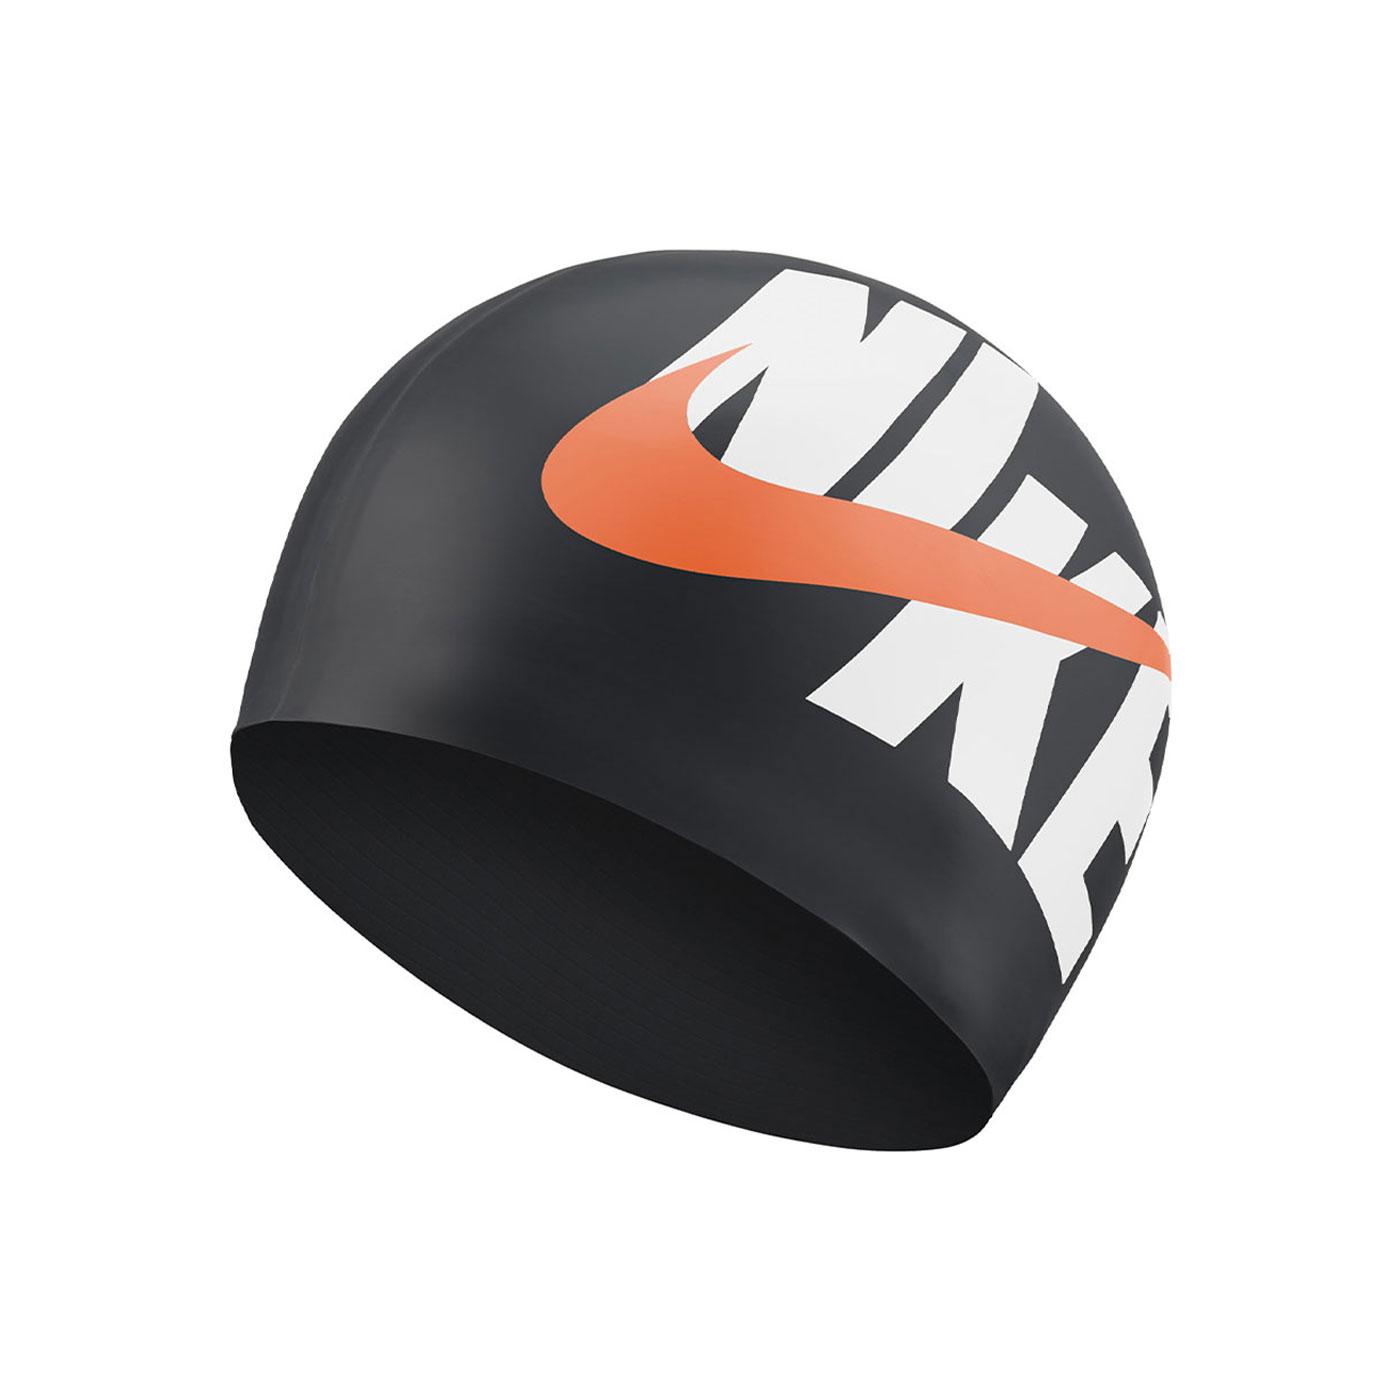 NIKE SWIM 成人矽膠泳帽 NESSA203-001